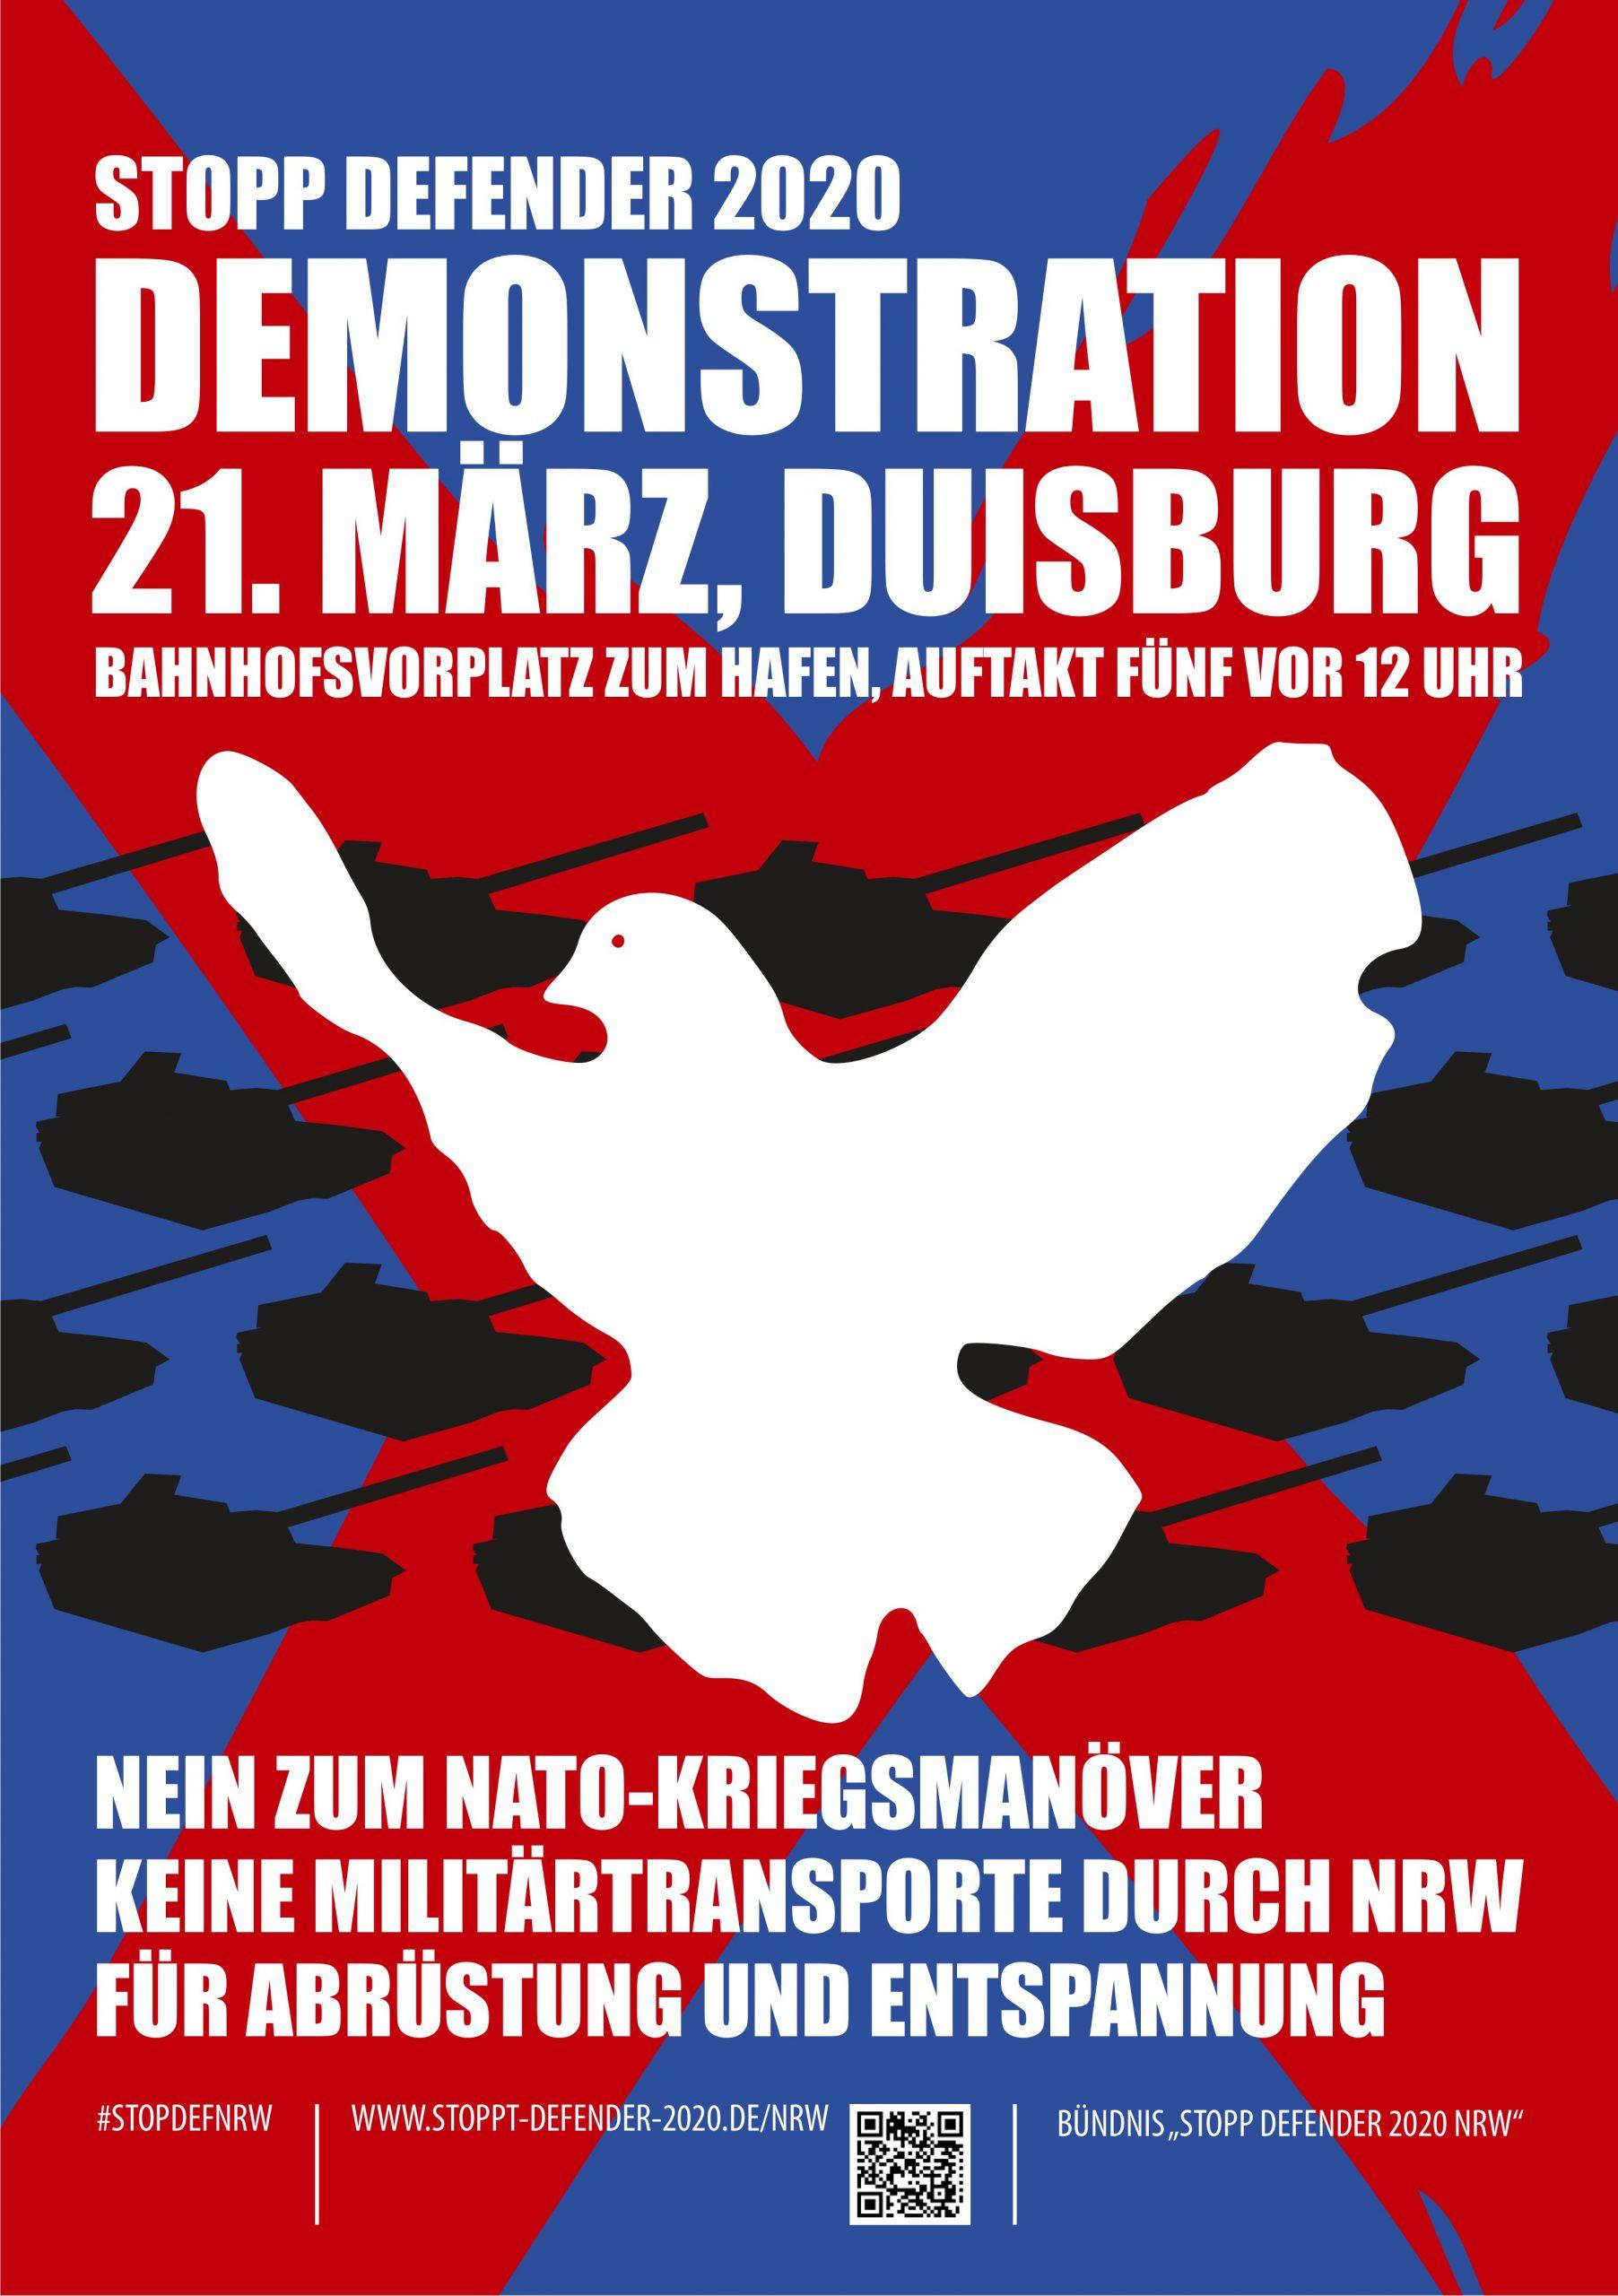 Demo-Plakat, das eine weiße Friedenstaube zeigt, die eine Menge scherenschnittartiger schwarzer Panzer auf blau-rotem Hintergrund verdeckt.